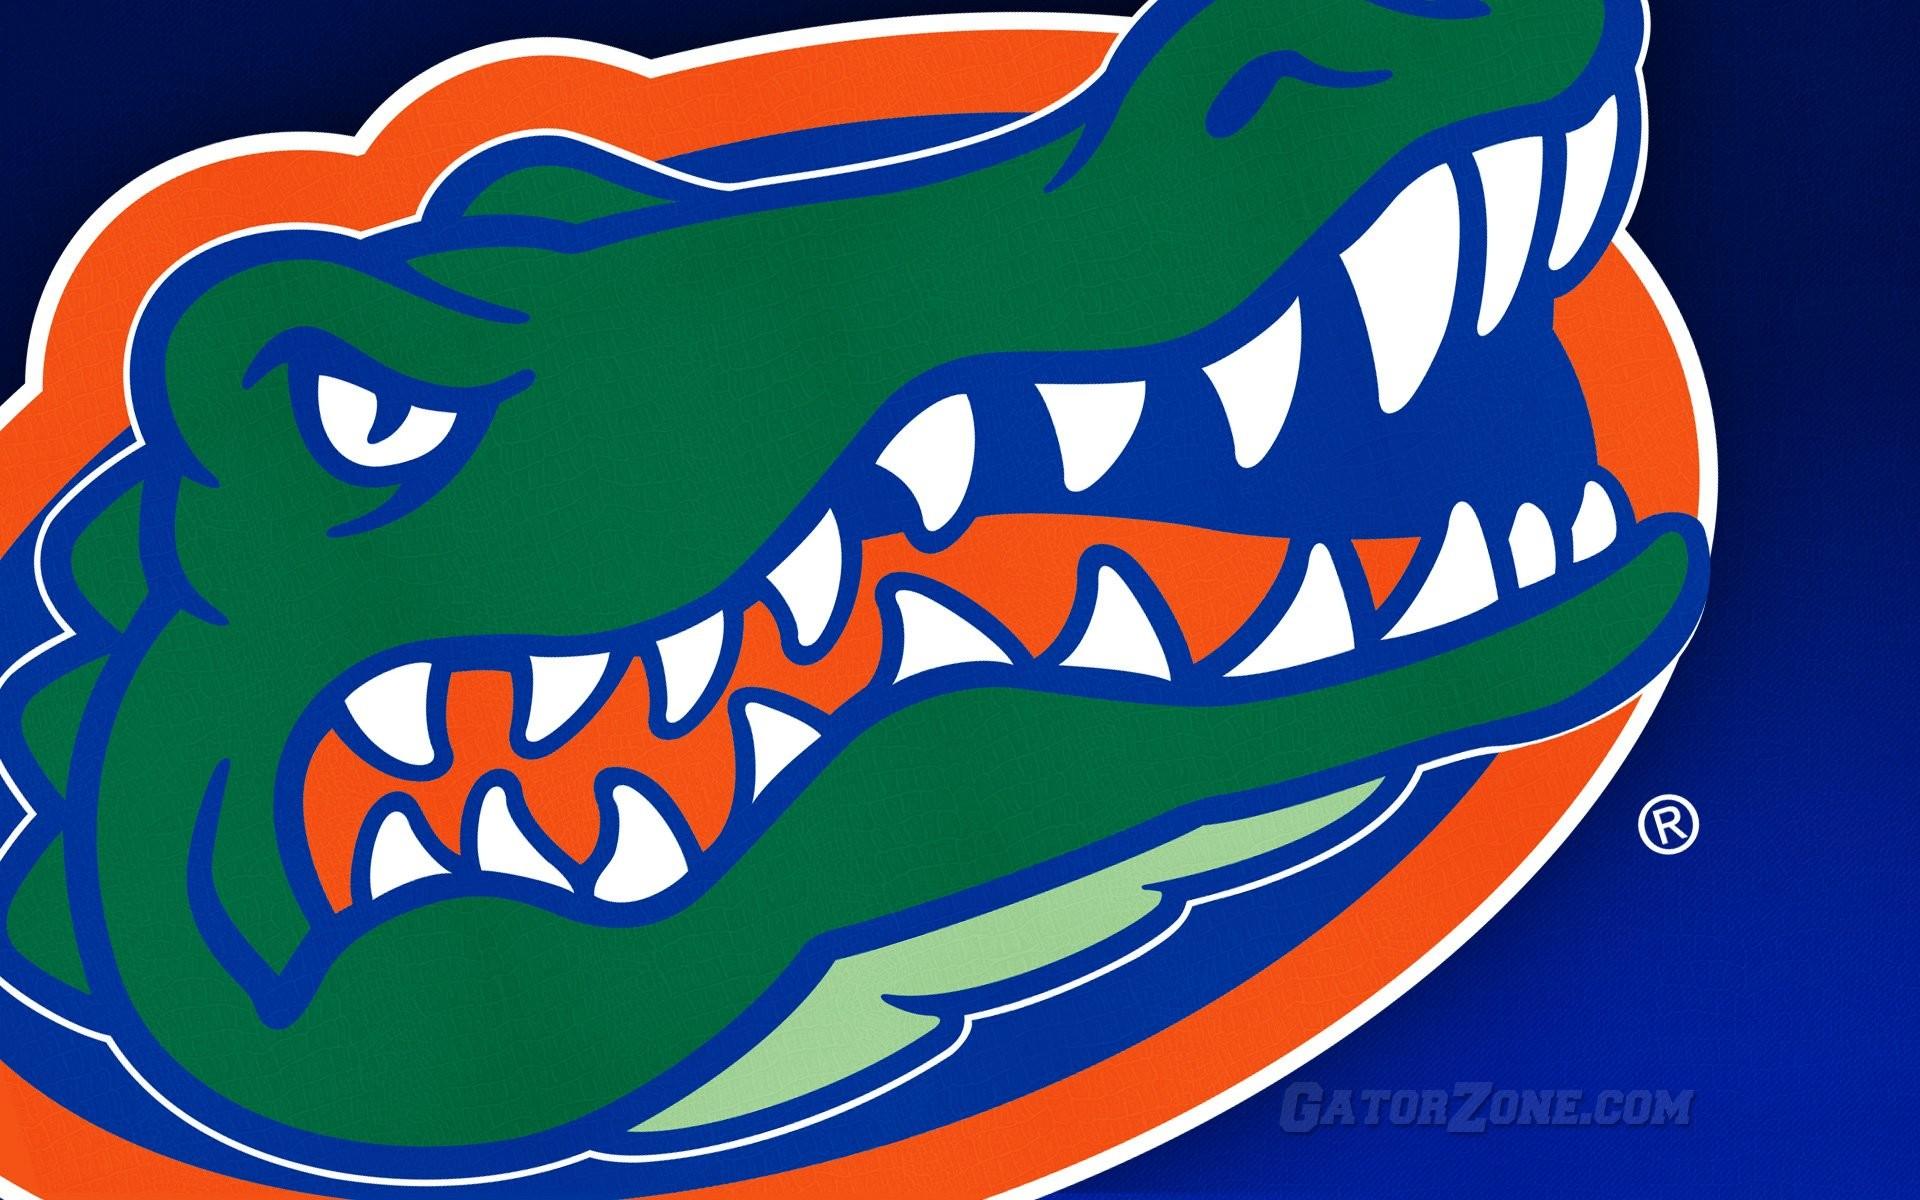 Florida Gators Wallpaper HD (76+ images)